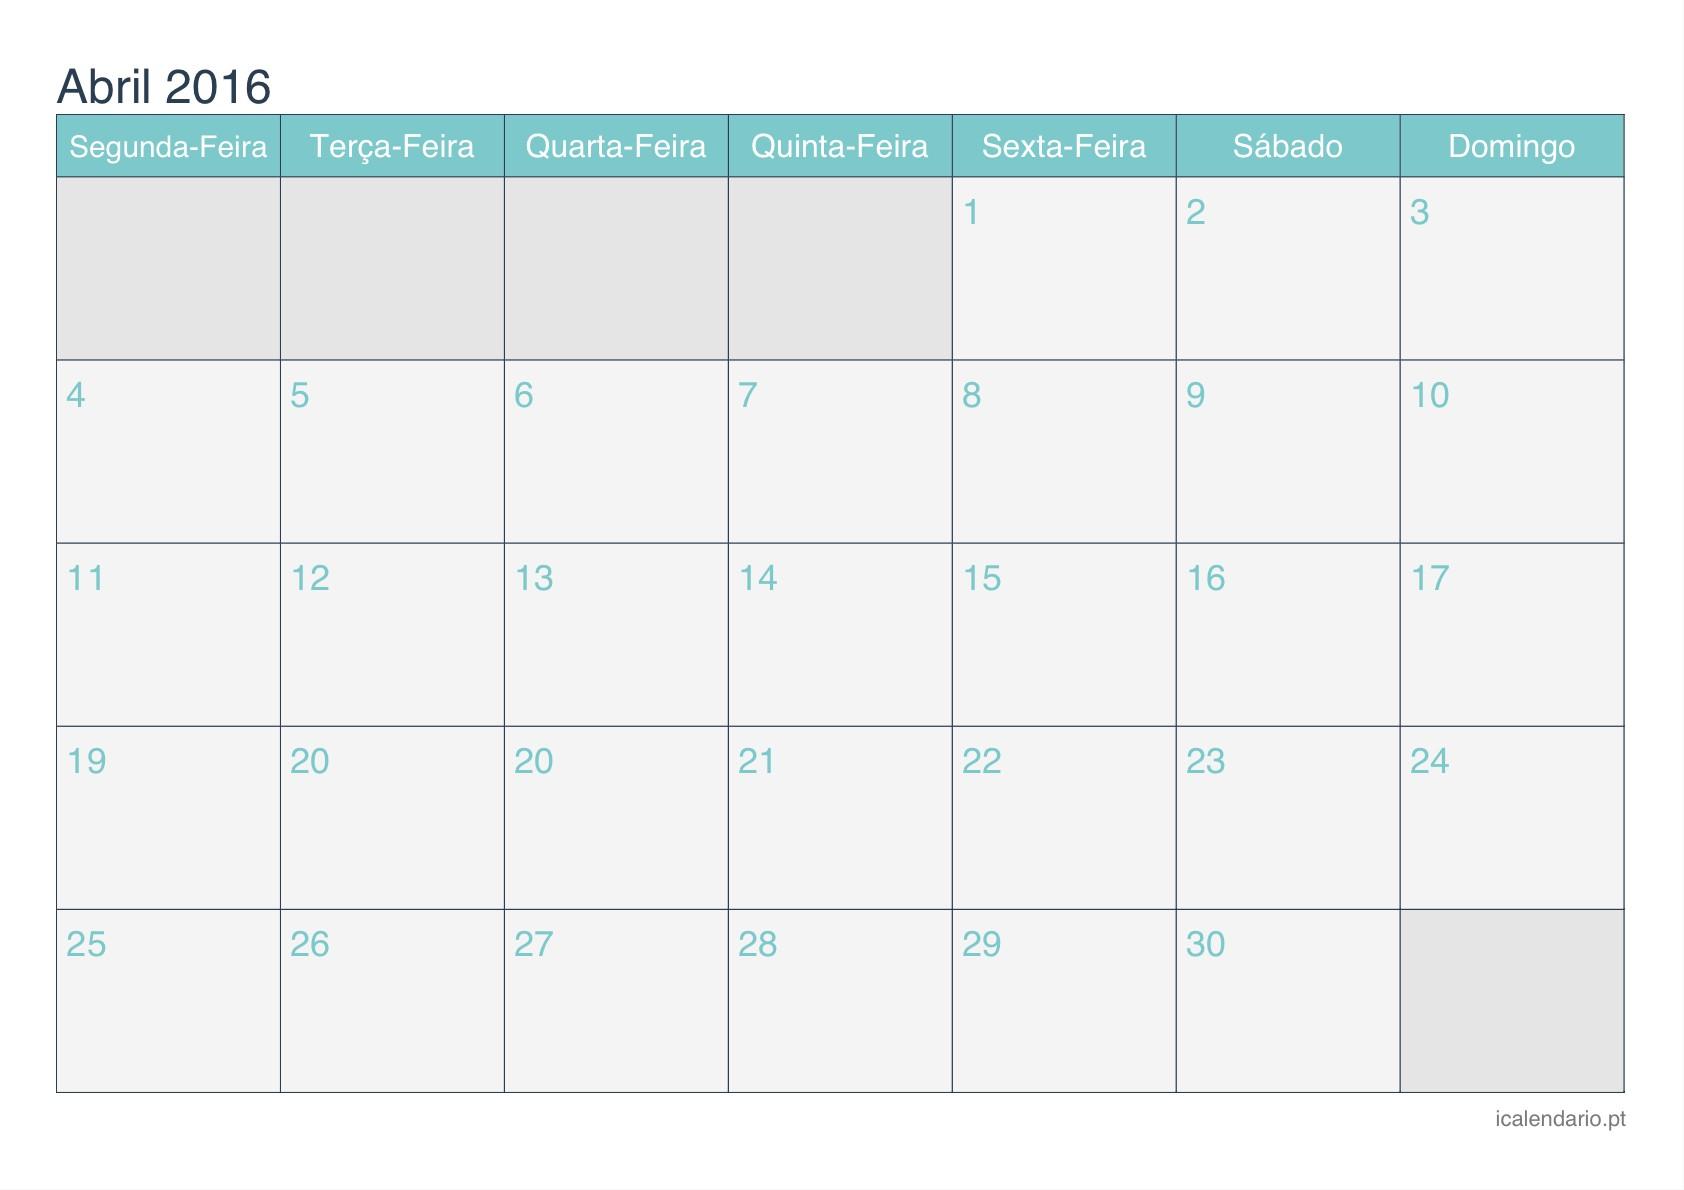 Calendario Enero 2016 Icalendario